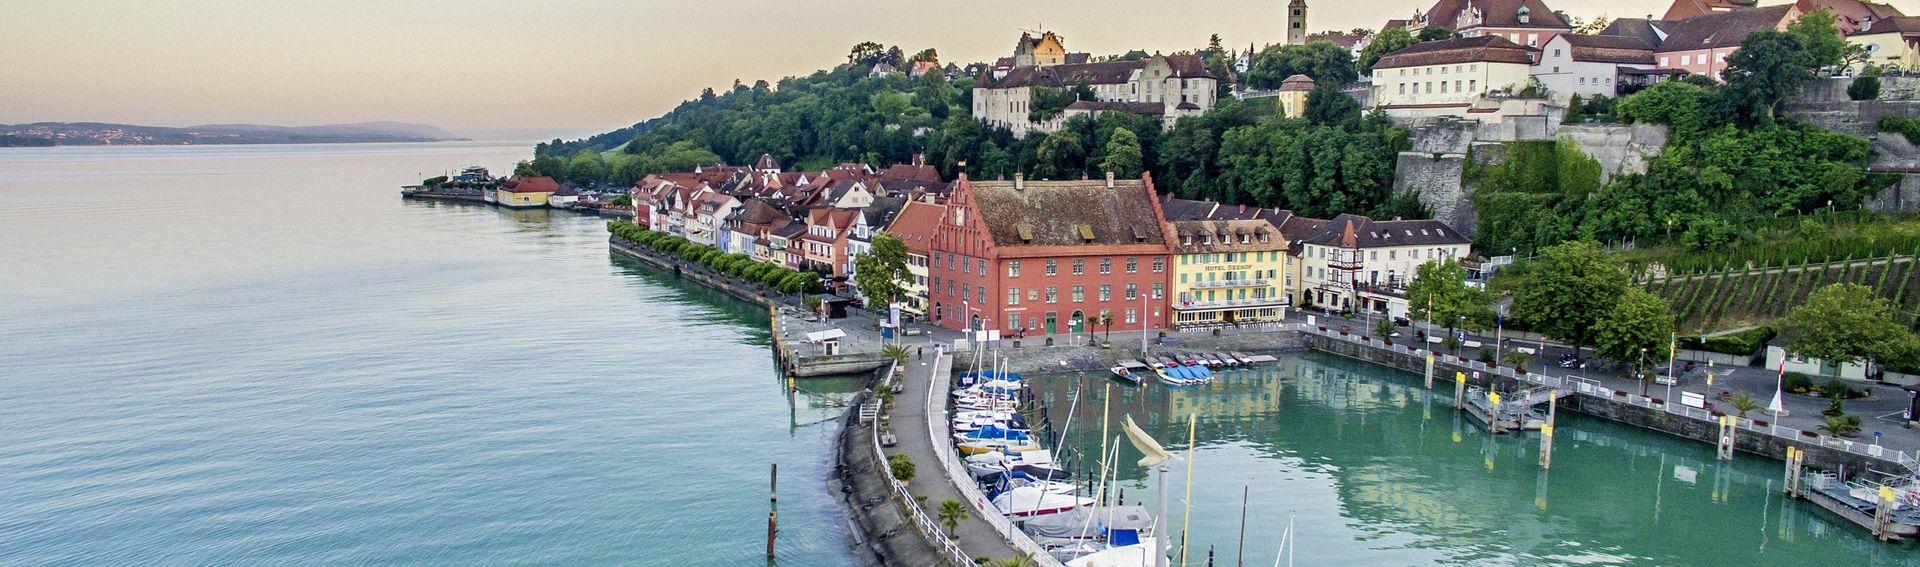 Région lac de Constance